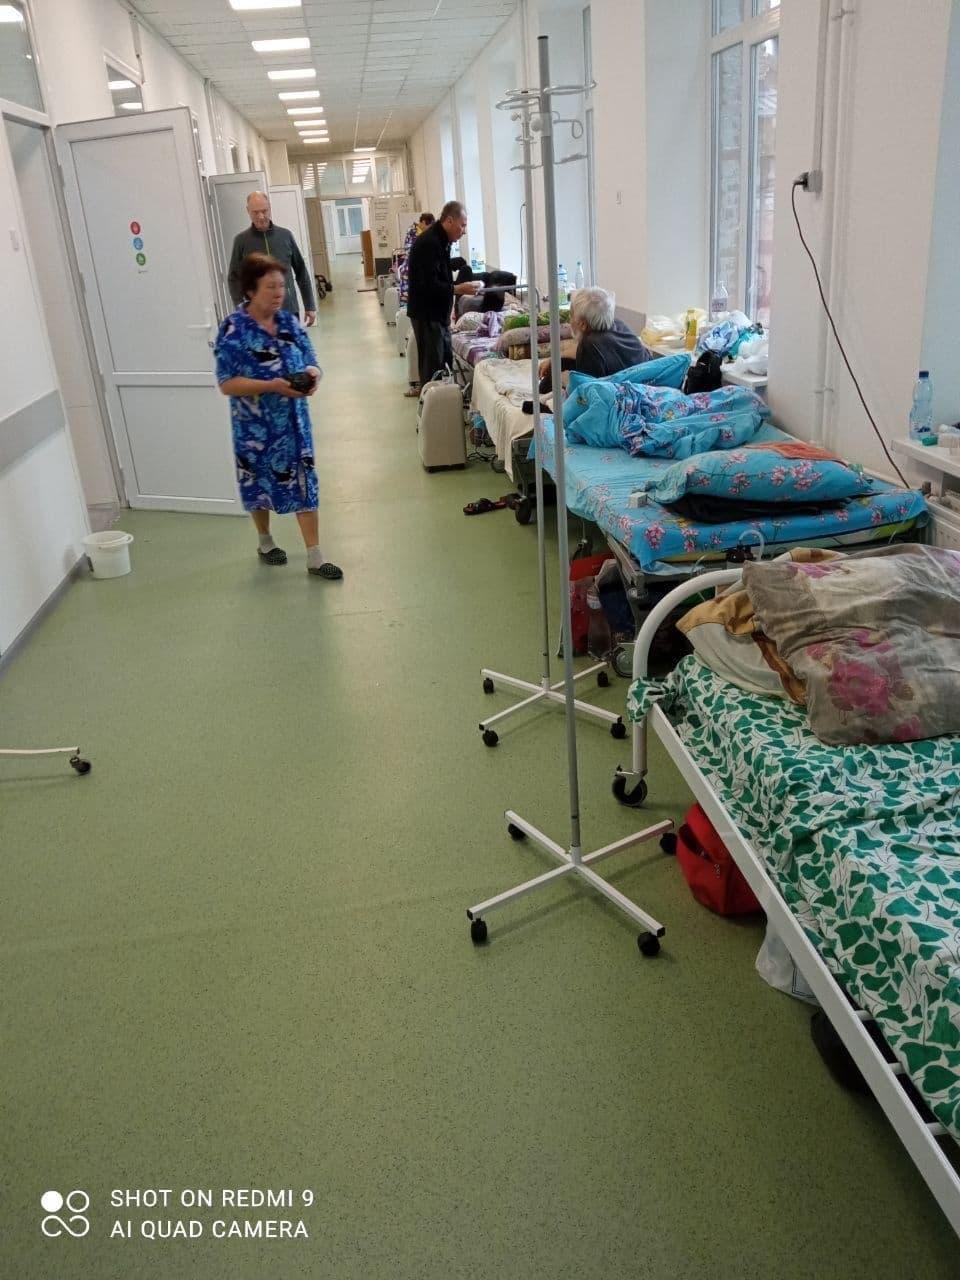 Пацієнтів розміщують у коридорі / t.me/hueviykharkov